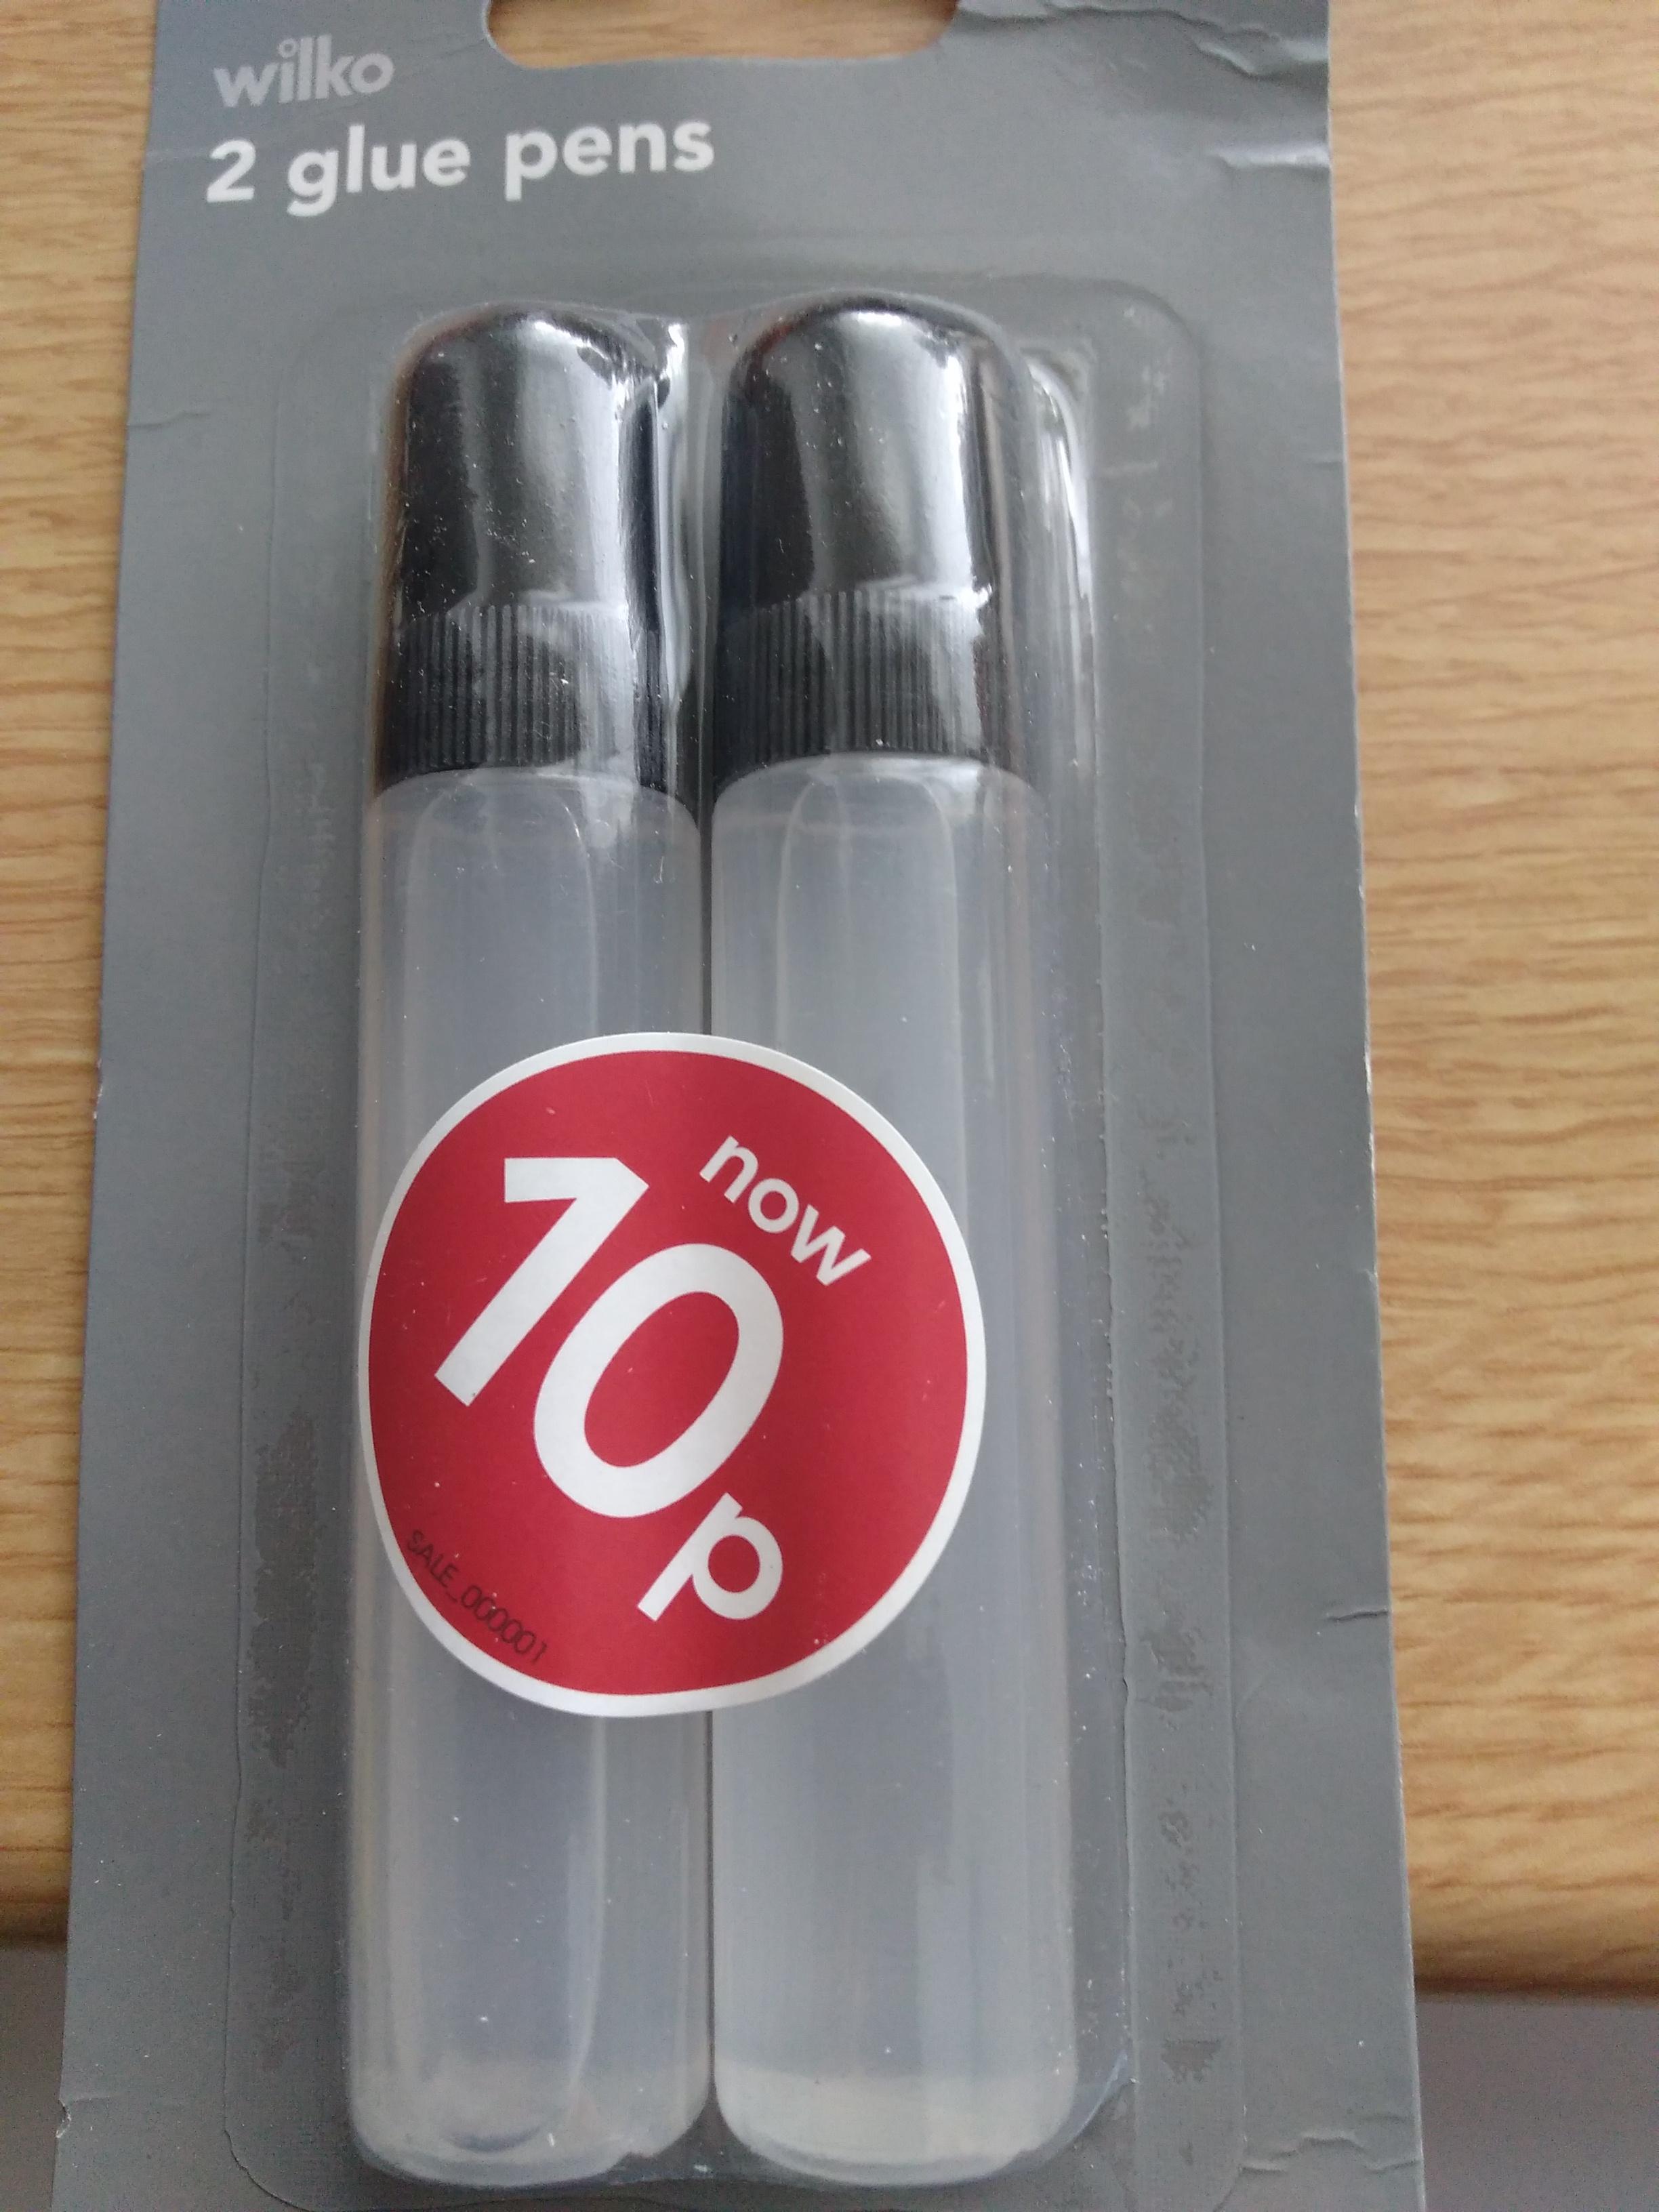 2 Glue Pens 10p instore at Wilko